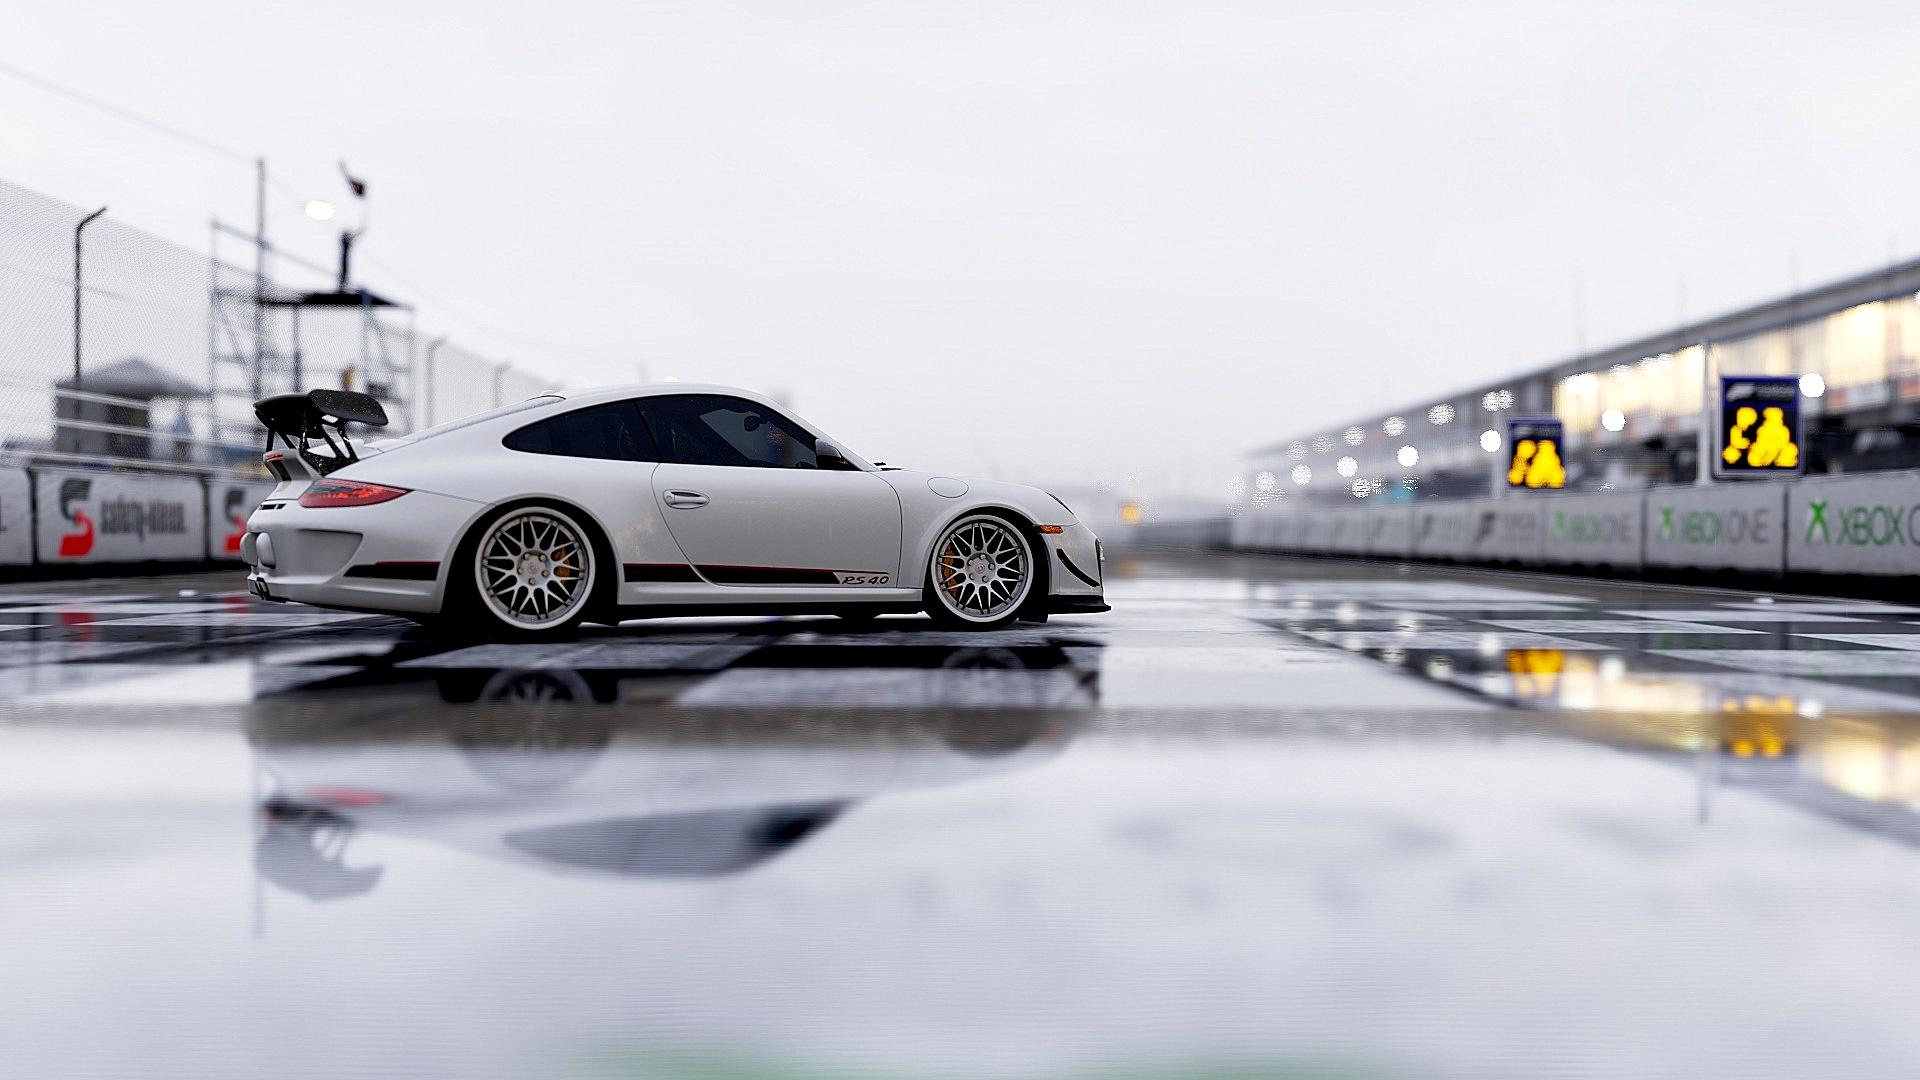 car-wheel-driving-vehicle-sports-car-supercar-convertible-porsche-land-vehicle-porsche-911-automobile-make-automotive-design-luxury-vehicle-performance-car-porsche-911-gt3-168509 Astounding Porsche 911 Gt2 Car and Driver Cars Trend